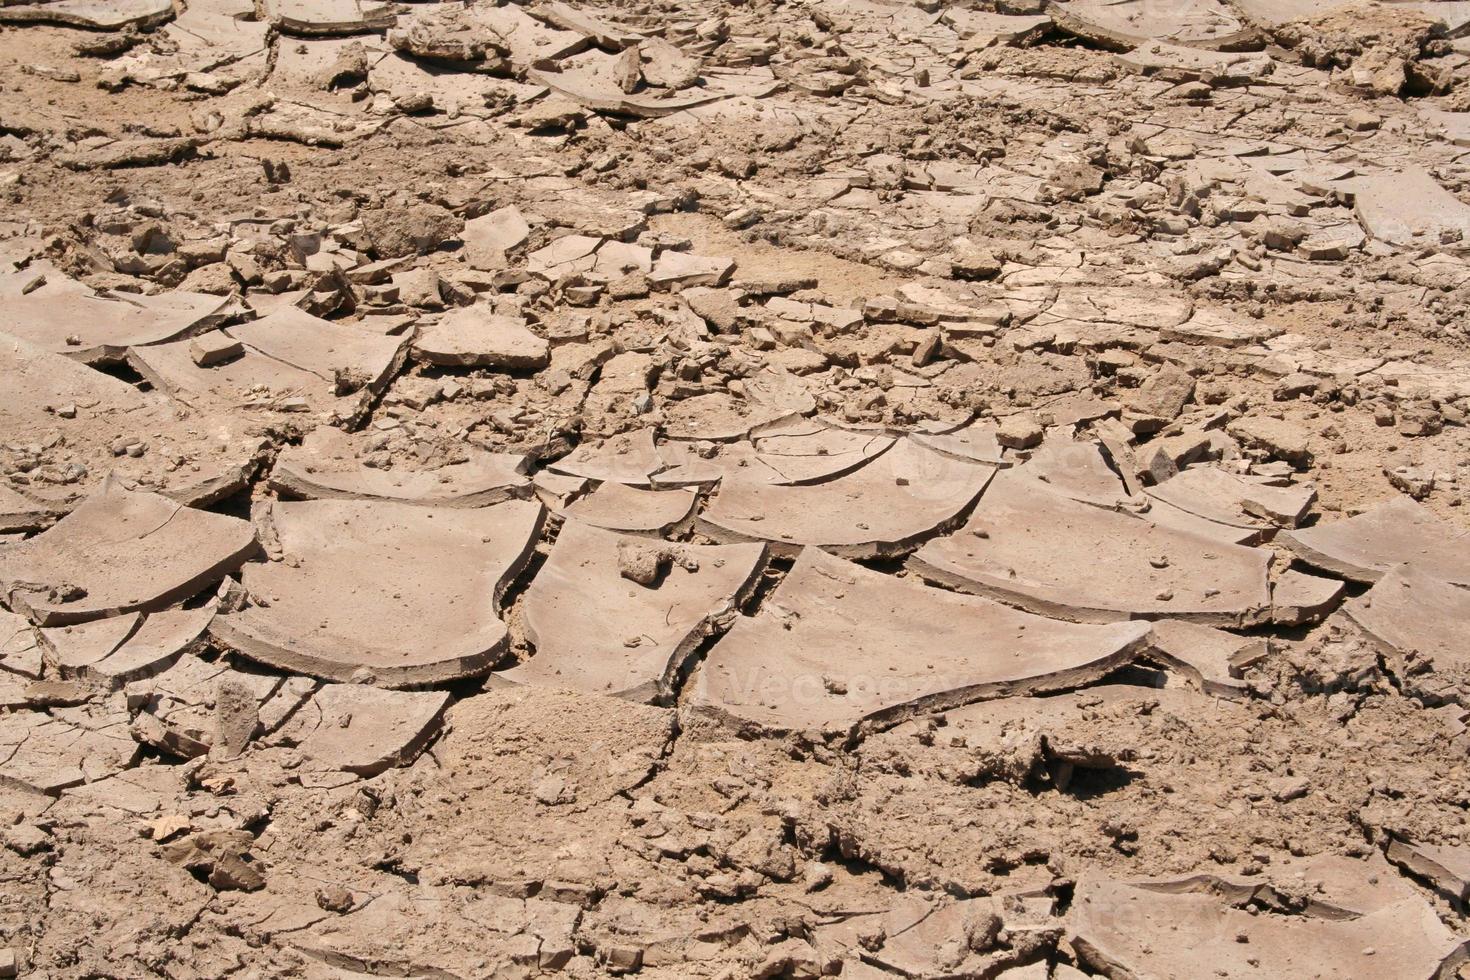 lama seca rachada da costa lamacenta do esqueleto da estrada salgada, namíbia foto